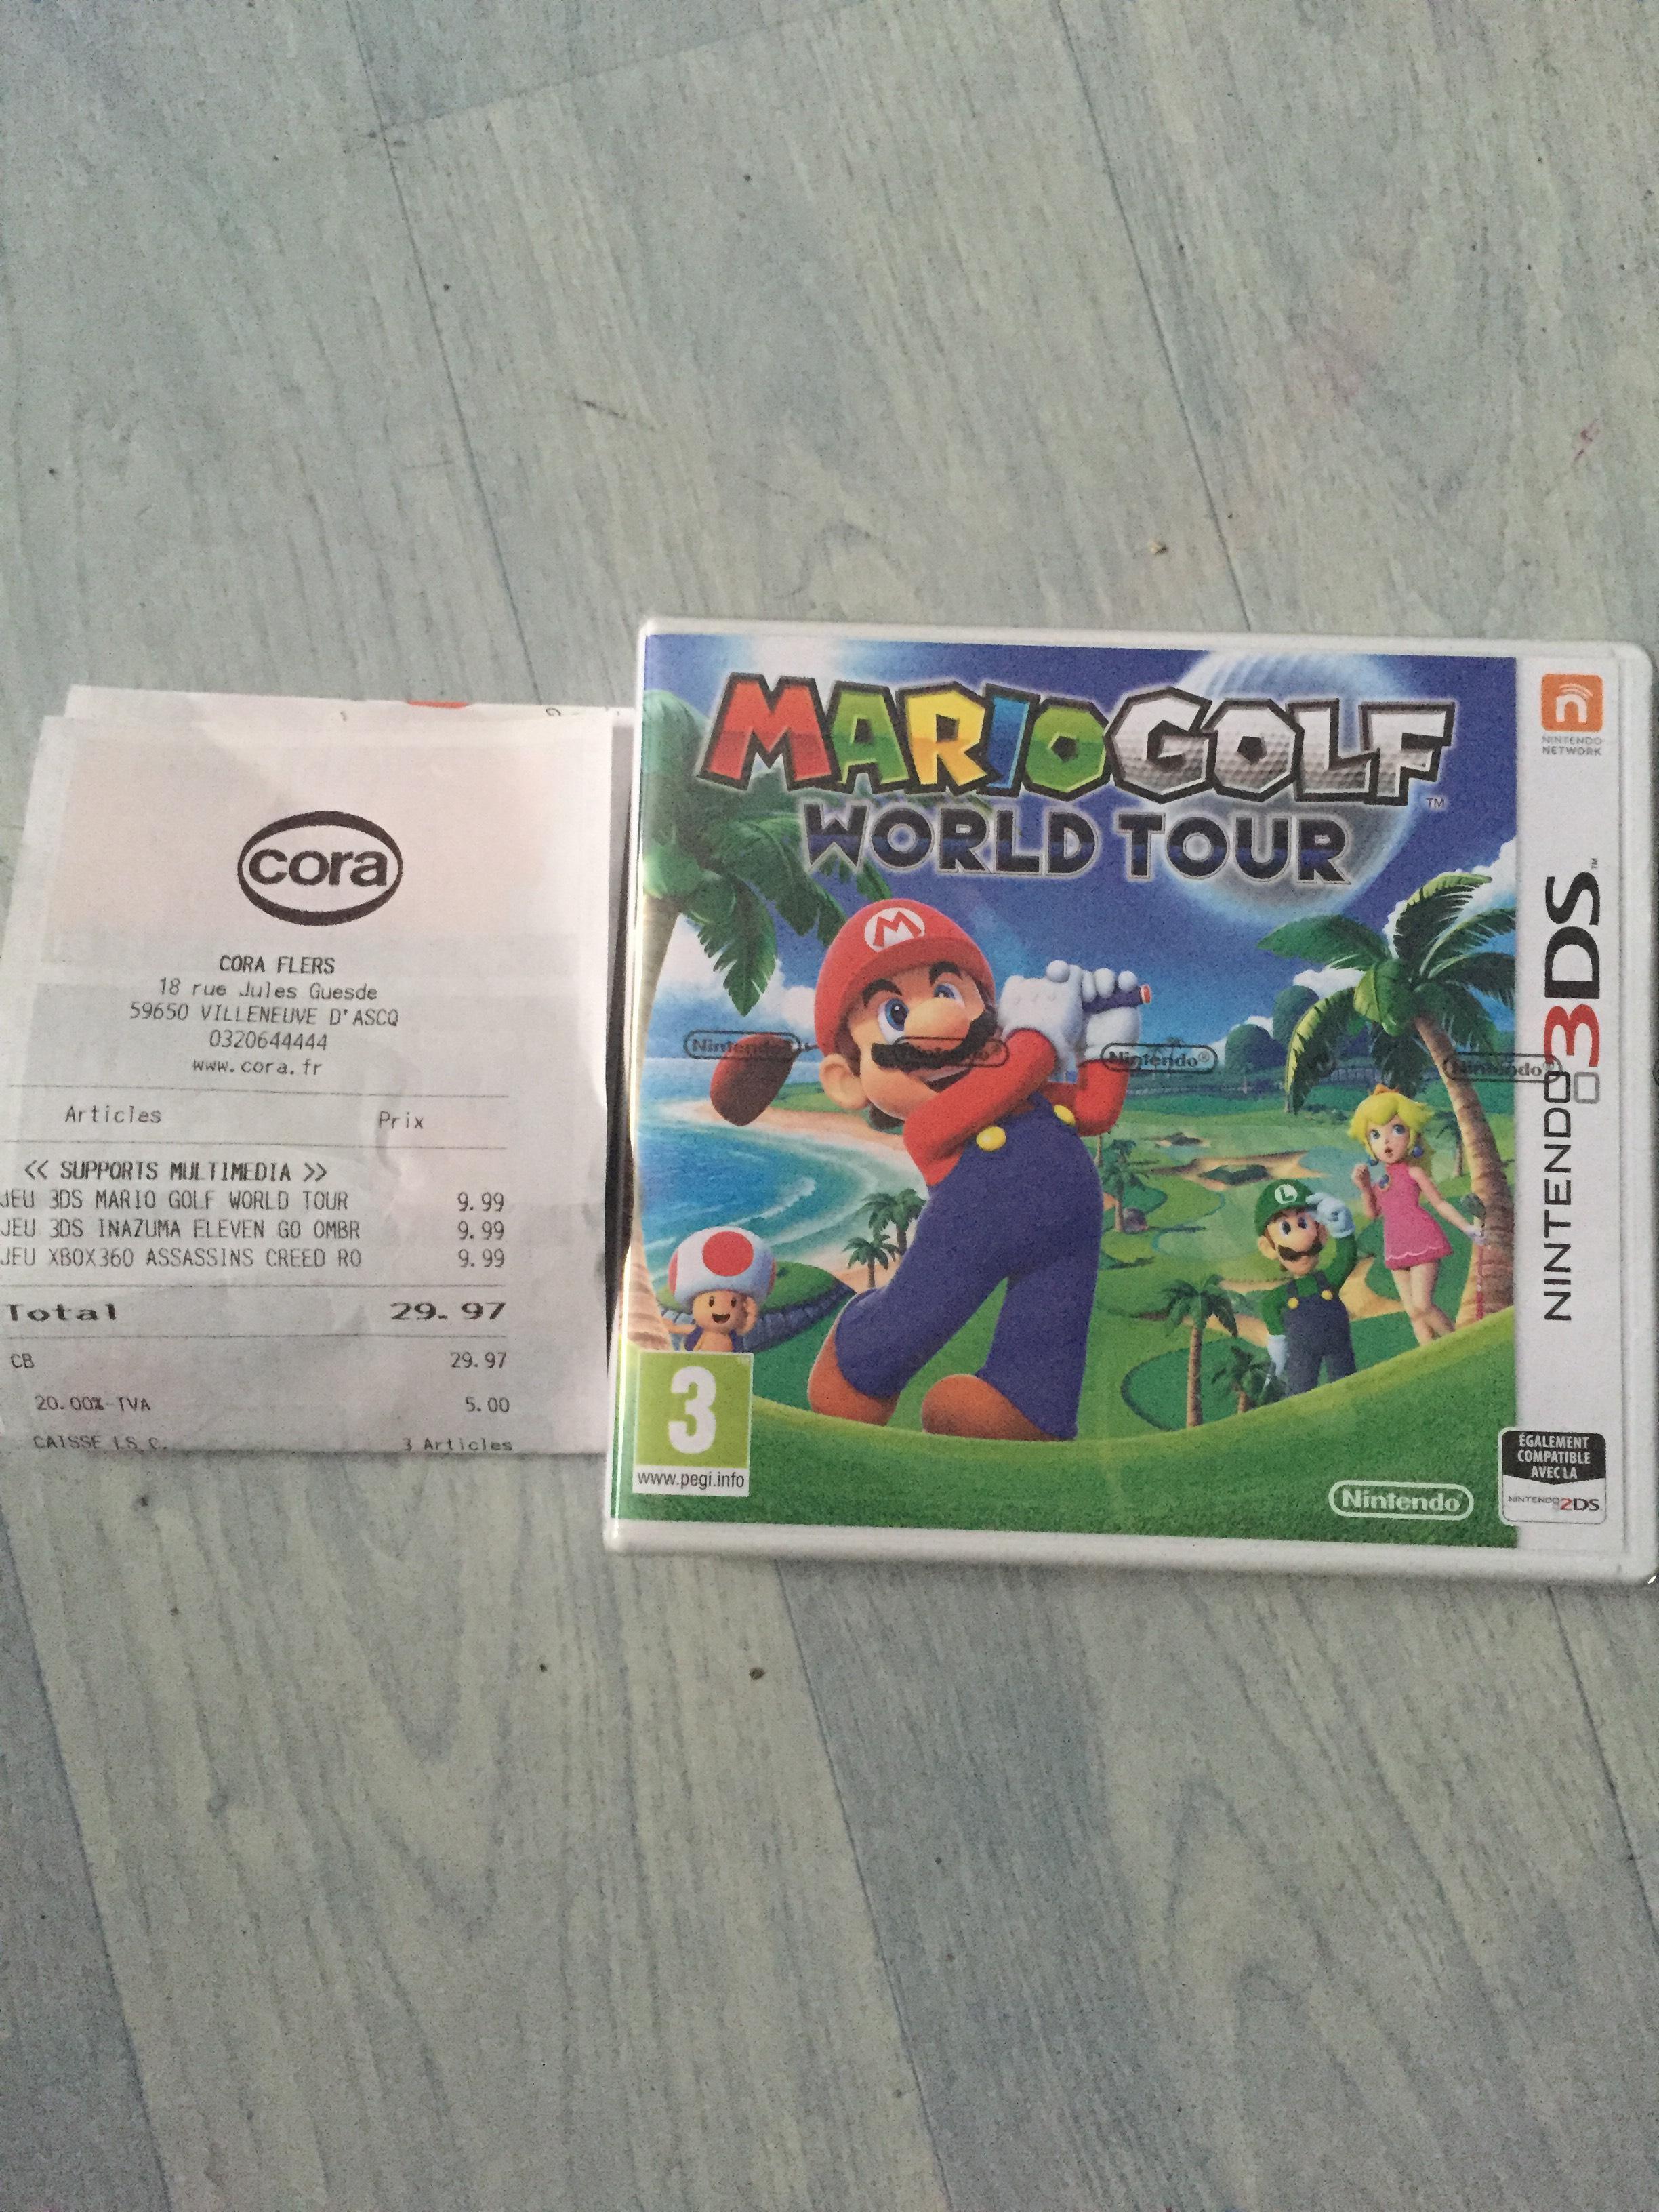 Sélection de jeux vidéo en promo - Ex : Jeu Mario Golf World Tour sur 3DS